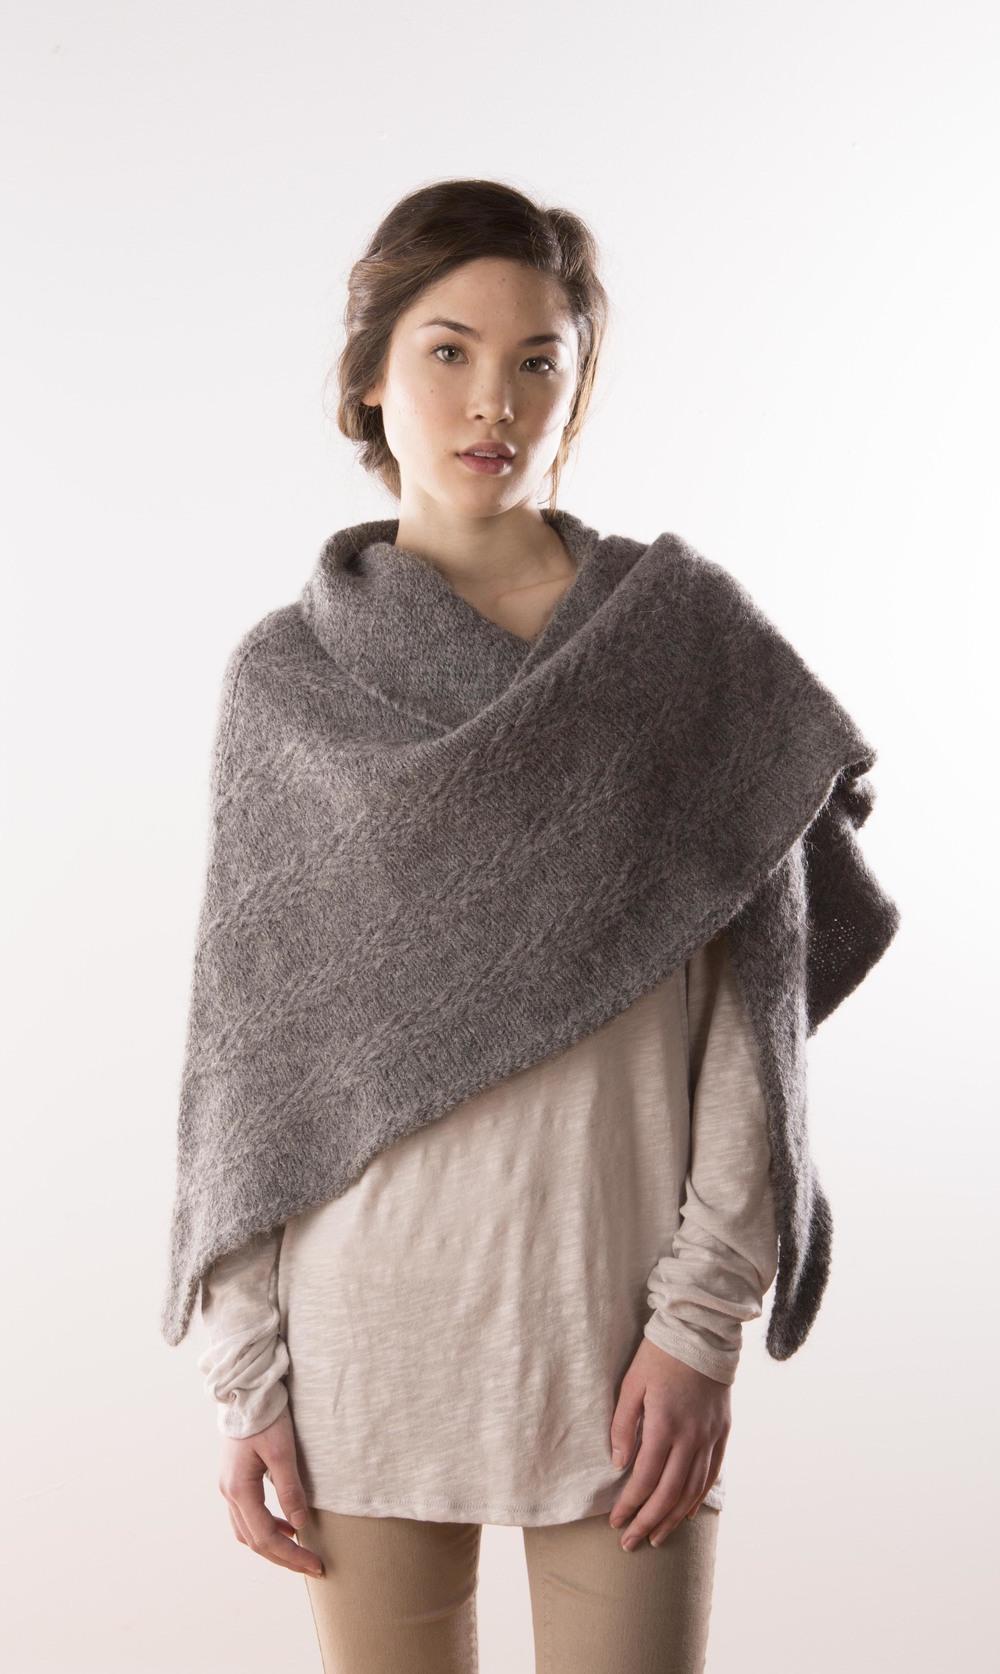 Burrow shawl